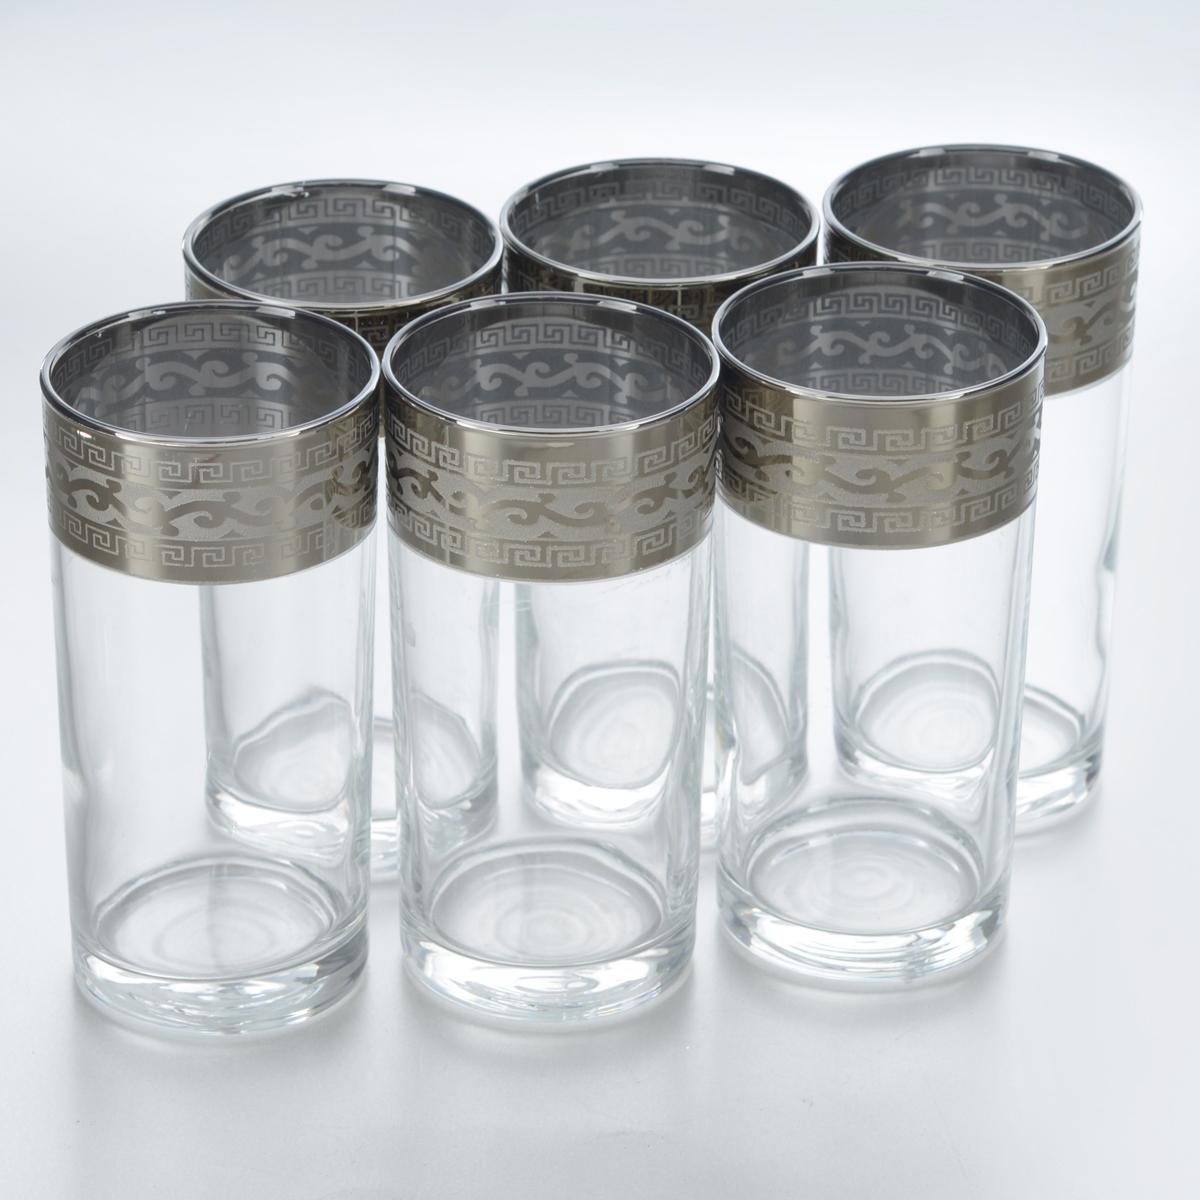 Набор стаканов для сока Гусь-Хрустальный Версаче, 290 мл, 6 штGE08-402Набор Гусь-Хрустальный Версаче состоит из 6 высоких стаканов, изготовленных из высококачественного натрий-кальций-силикатного стекла. Изделия оформлены красивым зеркальным покрытием и широкой окантовкой с оригинальным узором. Стаканы предназначены для подачи сока, а также воды и коктейлей. Такой набор прекрасно дополнит праздничный стол и станет желанным подарком в любом доме. Разрешается мыть в посудомоечной машине. Диаметр стакана (по верхнему краю): 6 см. Высота стакана: 12,8 см.Уважаемые клиенты! Обращаем ваше внимание на незначительные изменения в дизайне товара, допускаемые производителем. Поставка осуществляется в зависимости от наличия на складе.